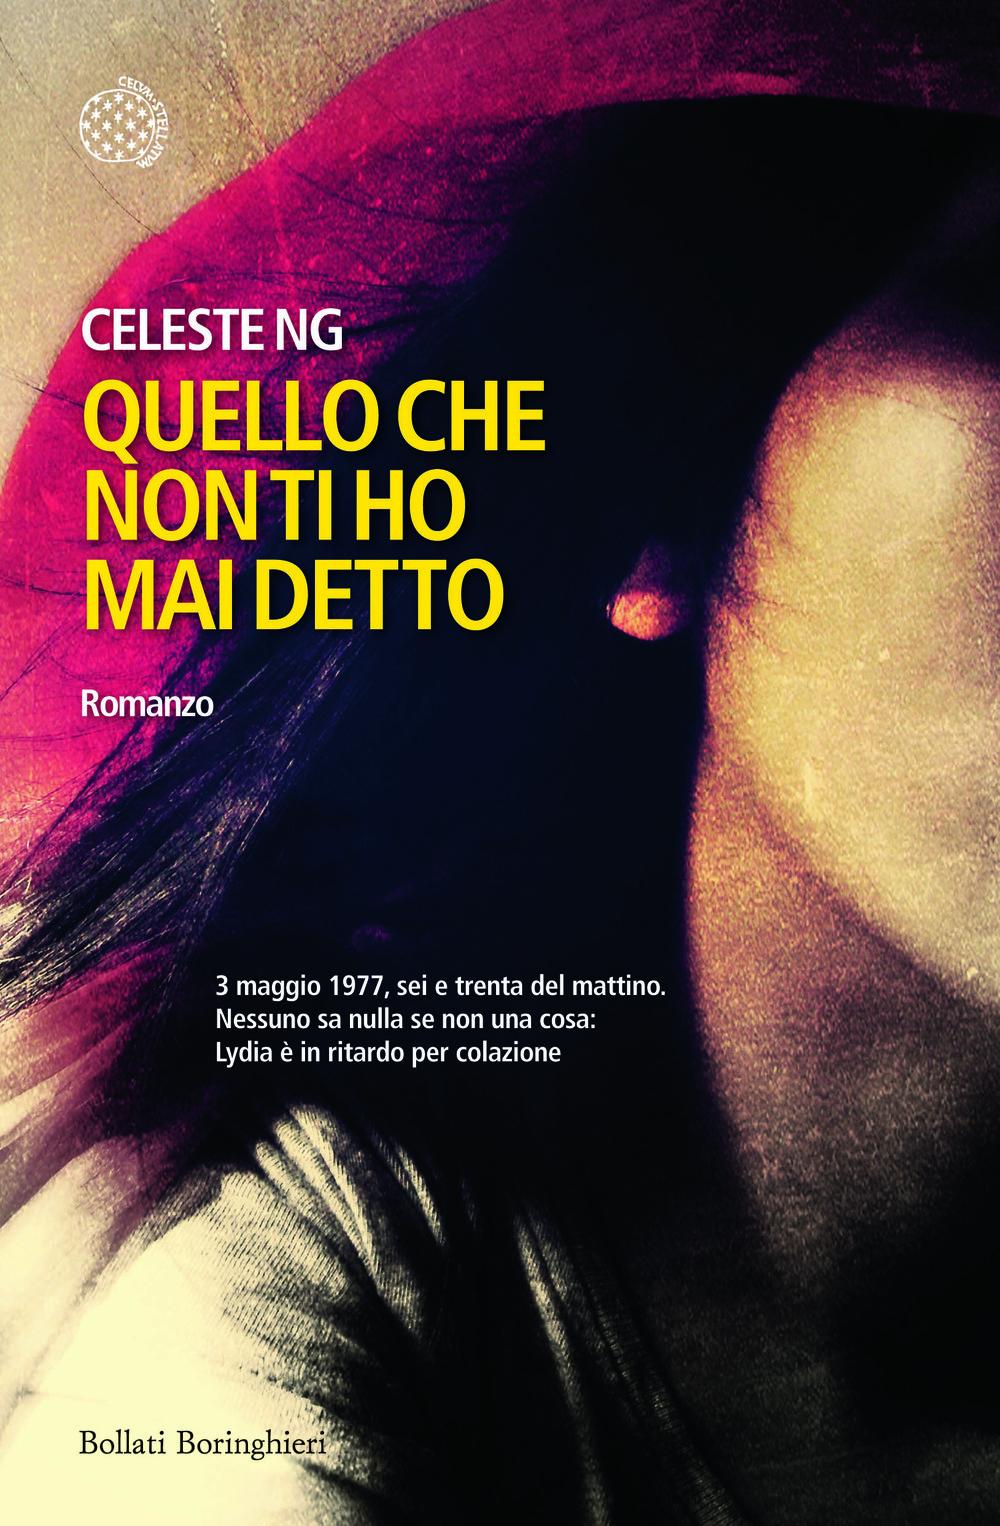 Quello Che Non Ti Ho Mai Detto (Italian, Bollati Boringhieri)